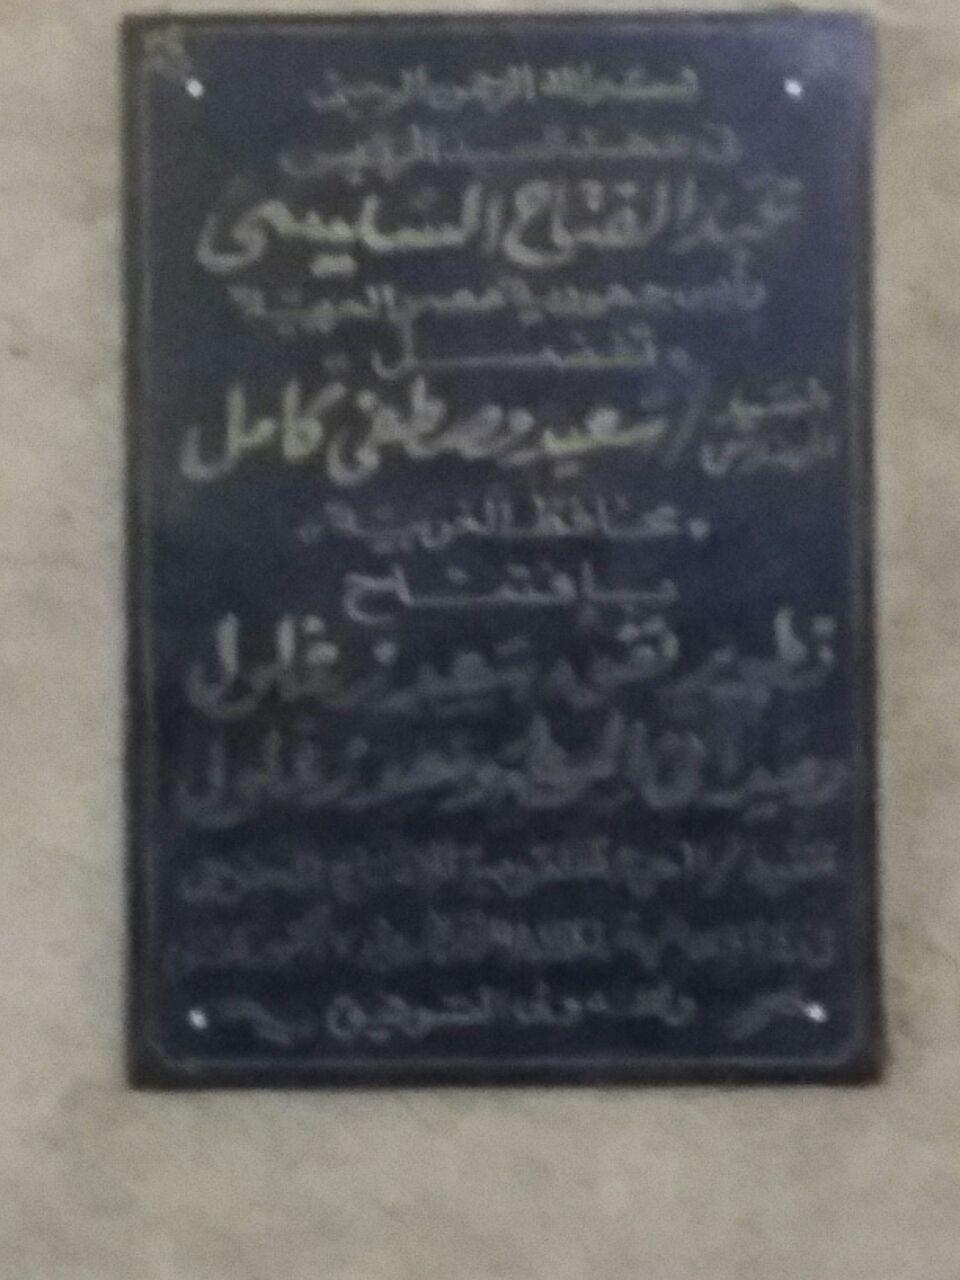 غرق نفق سعد زغلول بطنطا وسط تجاهل مسؤولي الغربية